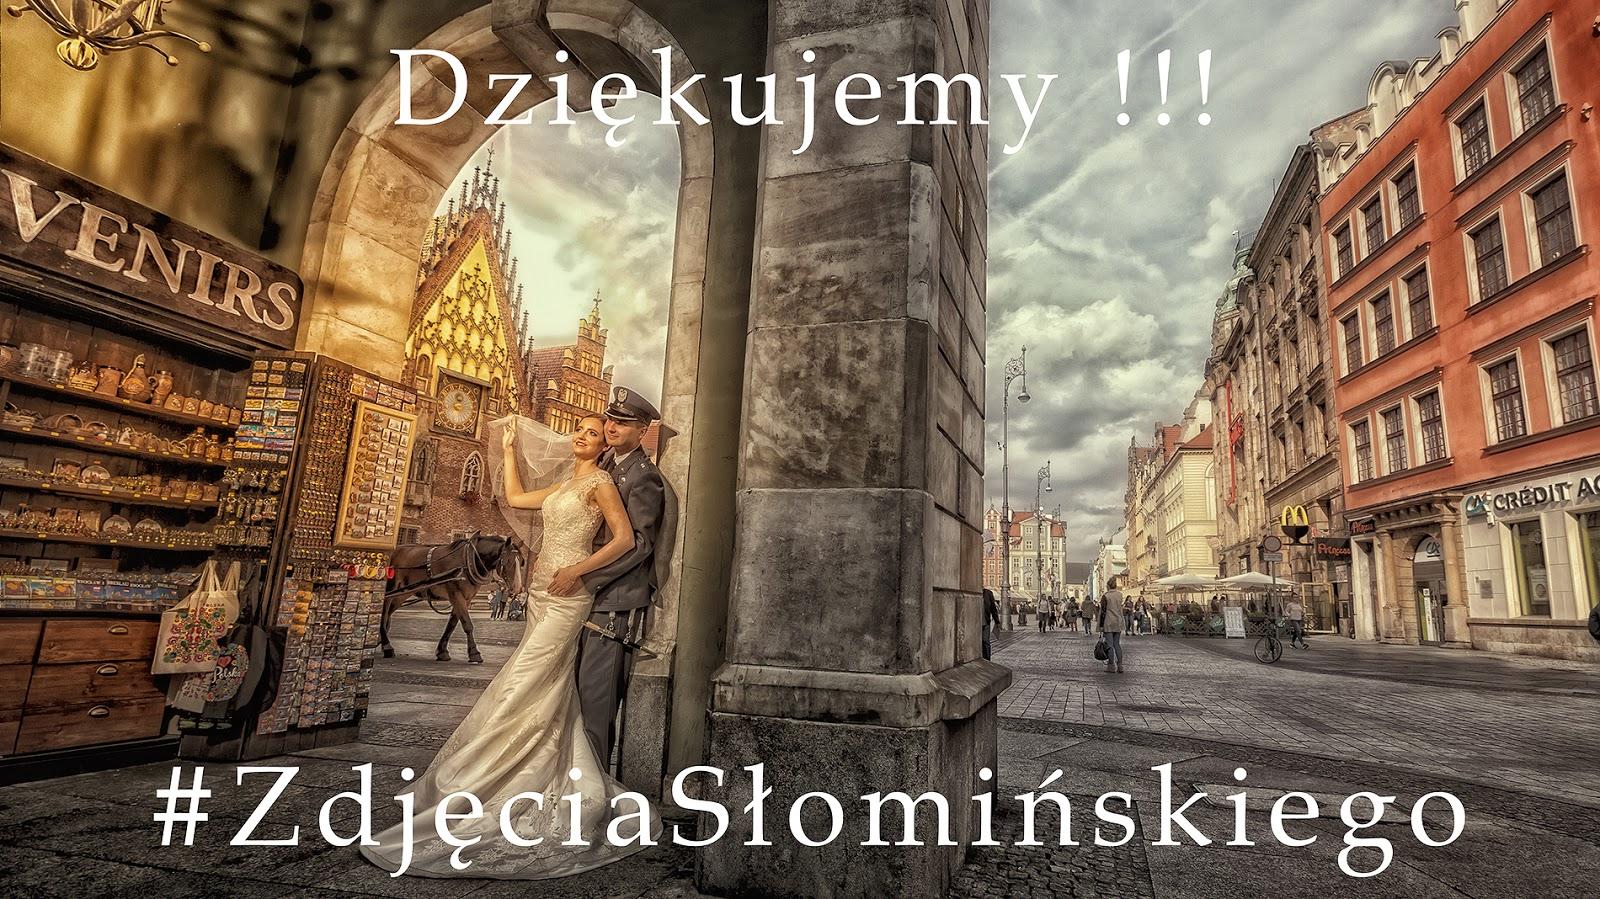 www.fotoslominski.pl/najlepszy-fotograf-slubny-wroclawia/